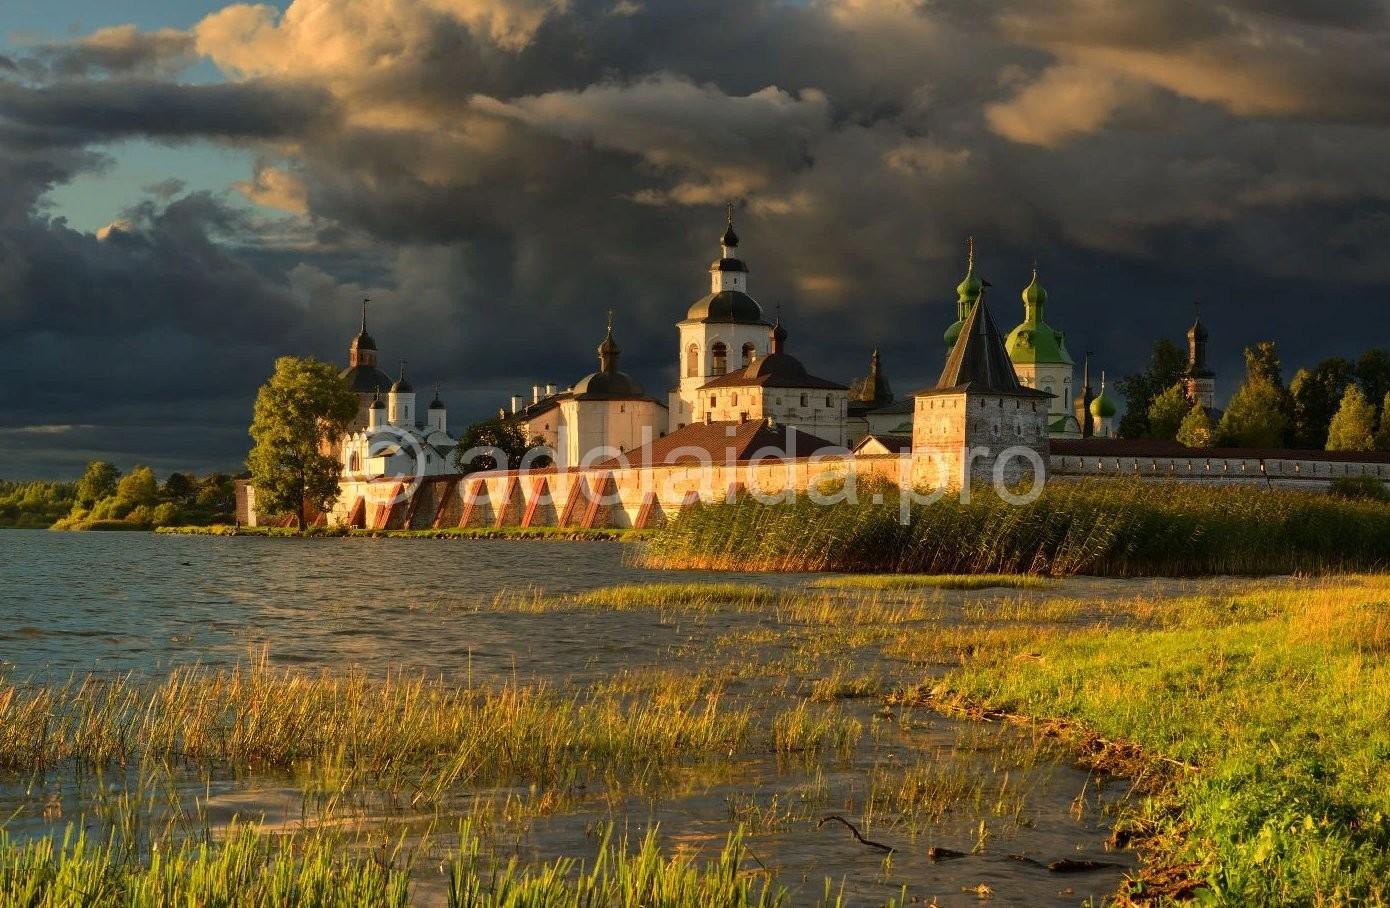 фото Кирилло-Белозерского монастыря